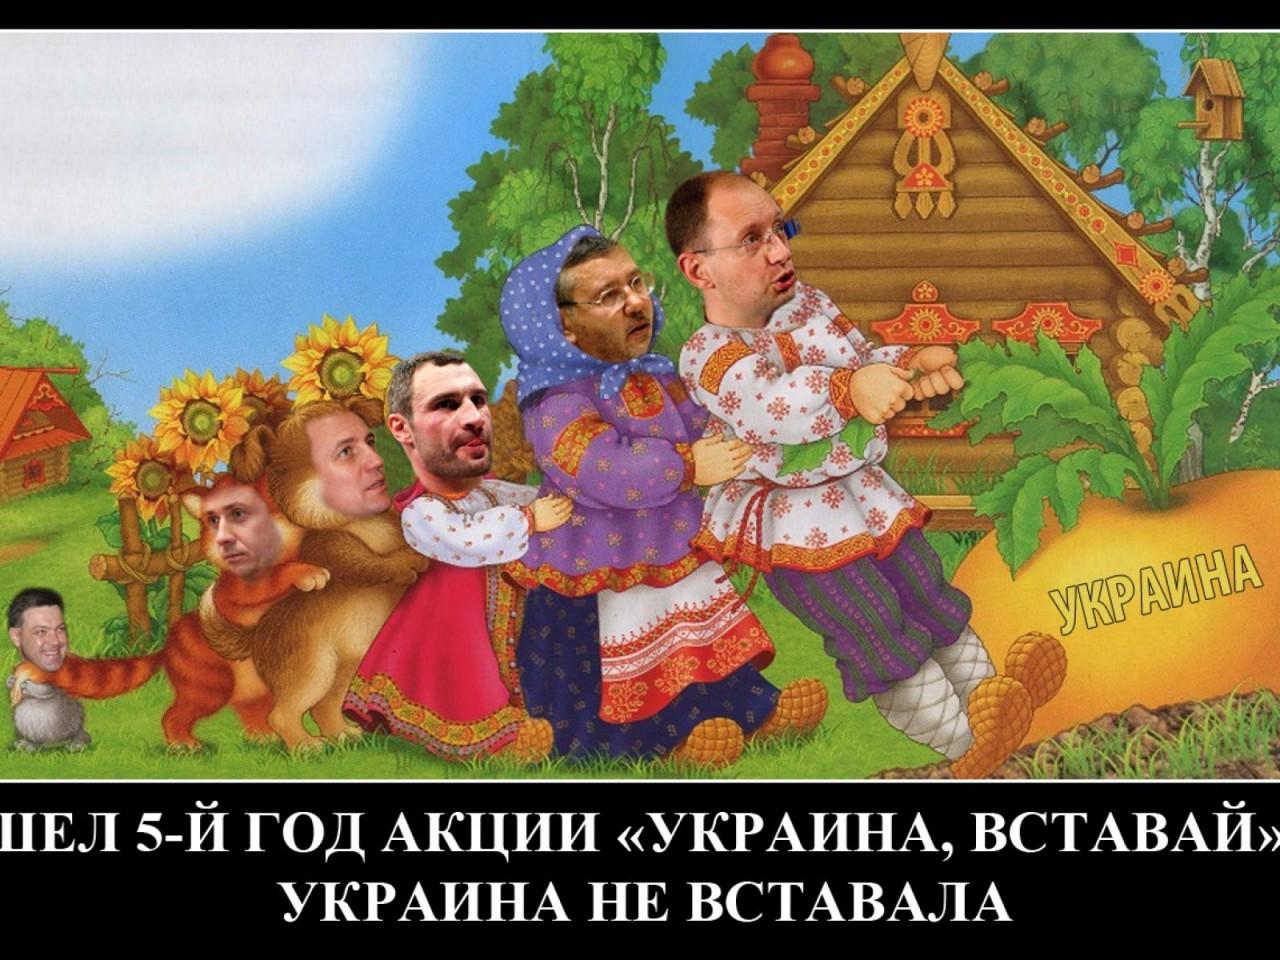 Донецк – 1 апреля в евро-украинском стиле